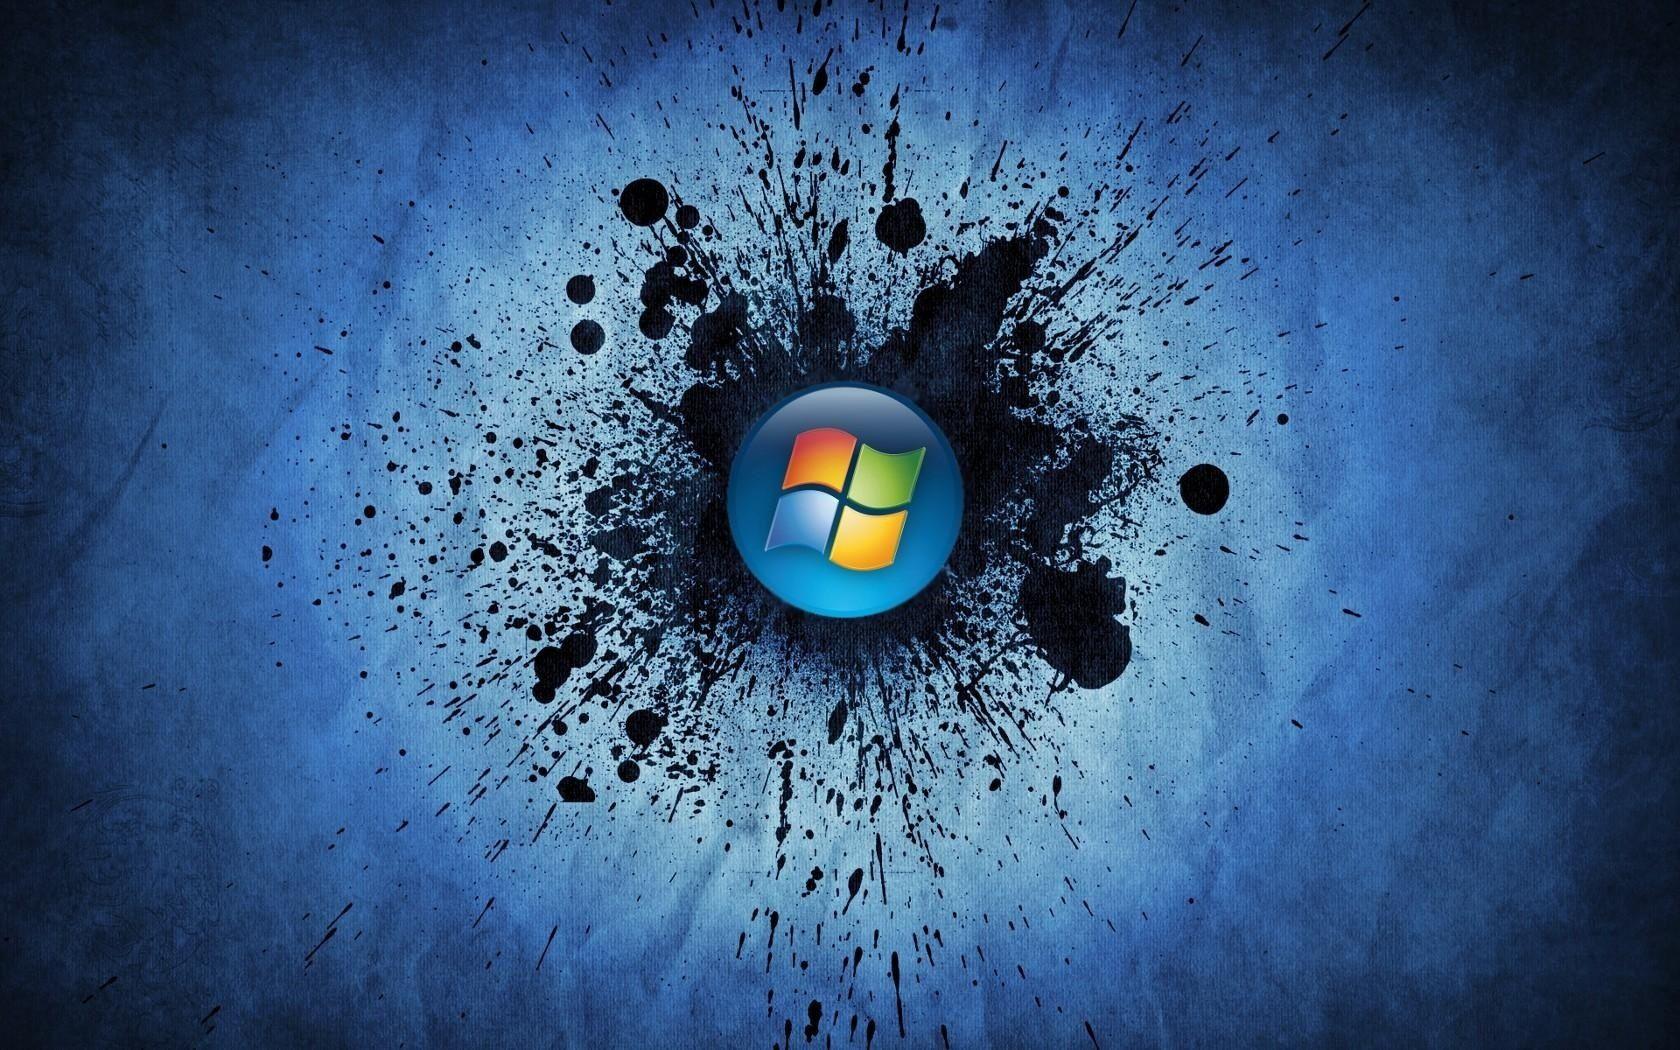 Matrix Got Windows Hd Desktop Wallpaper High Definition Hd